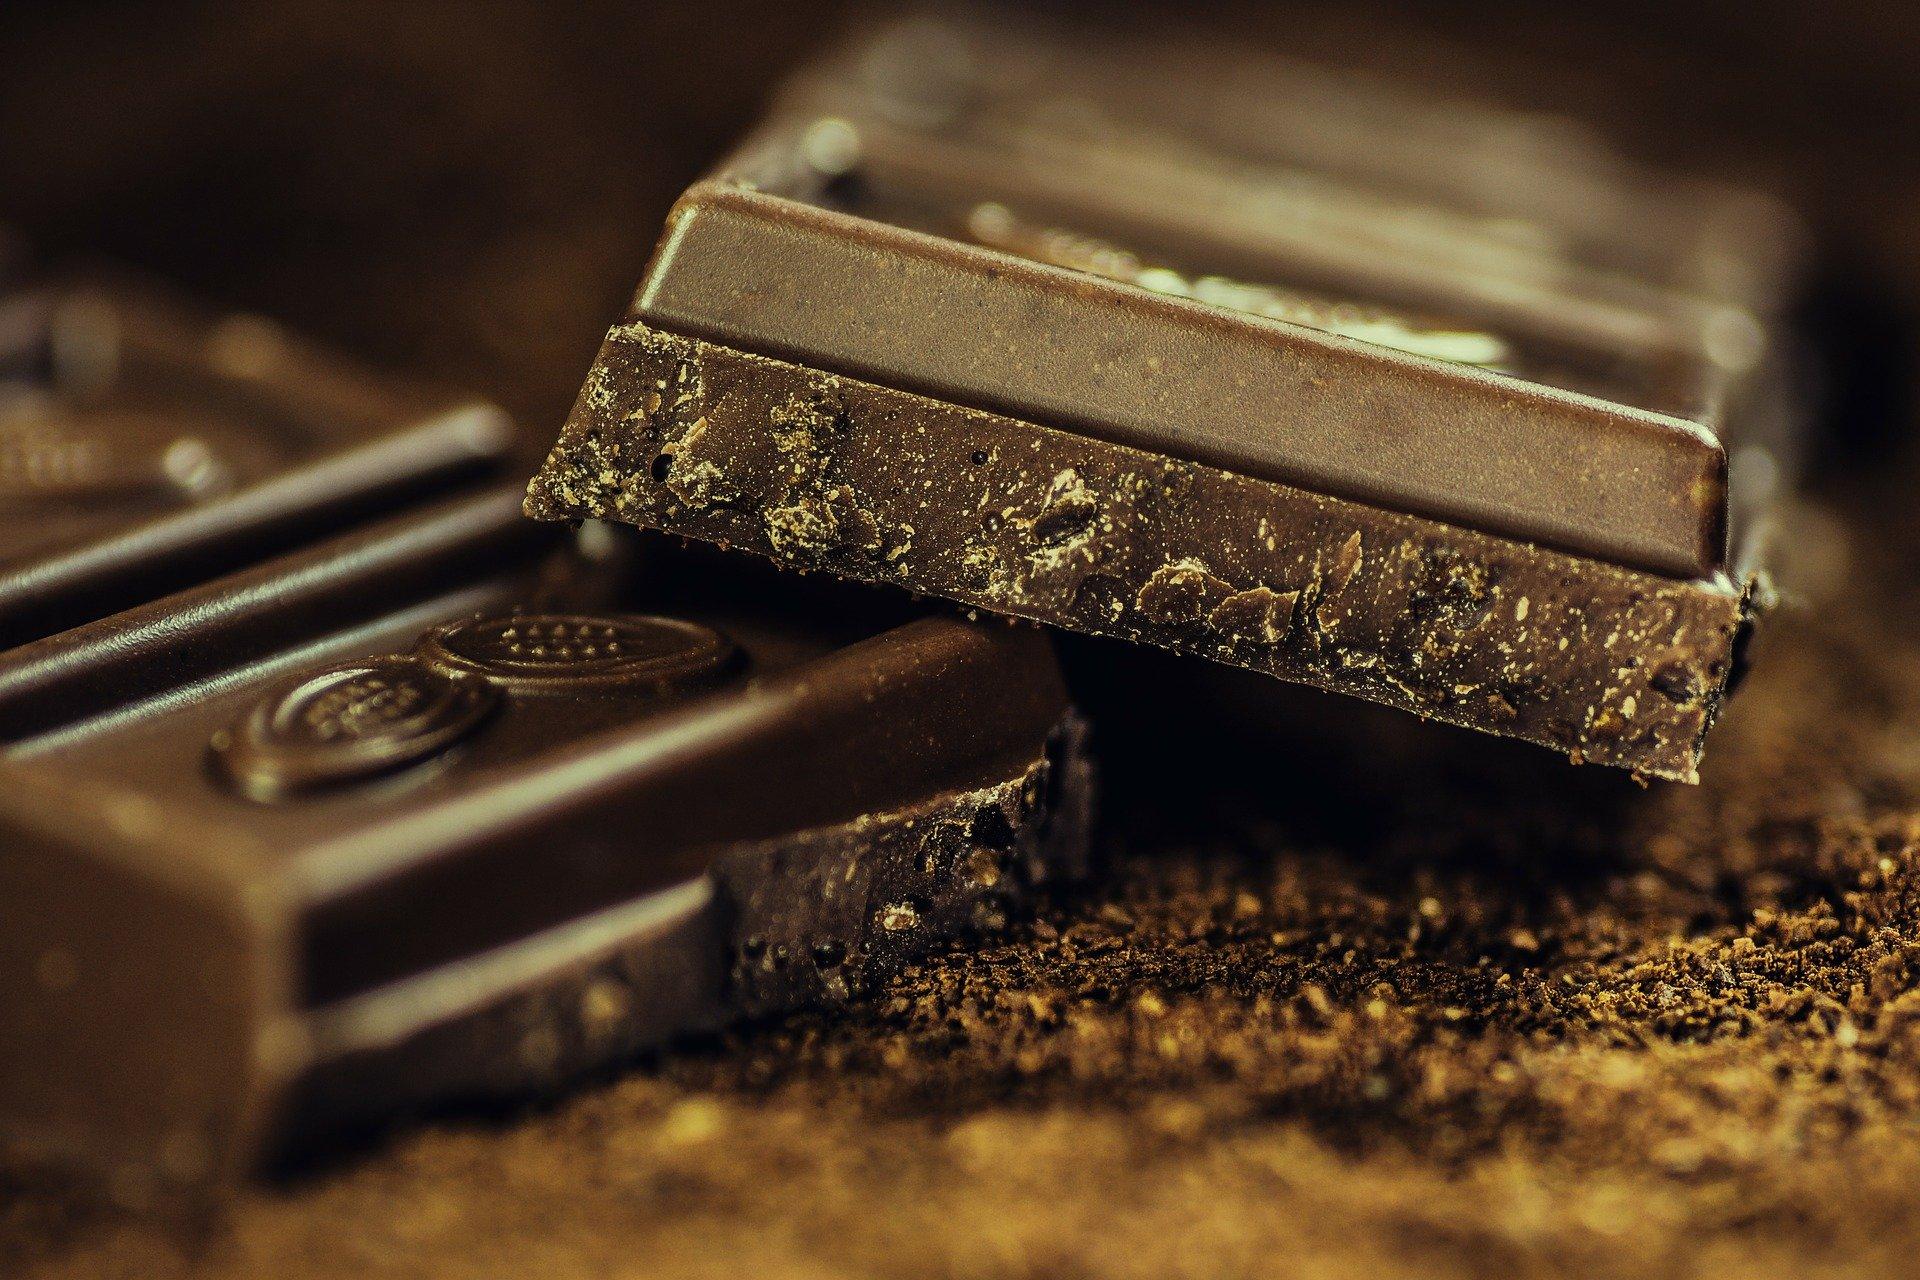 Como remover manchas de chocolates do estofado? Veja essas super dicas!